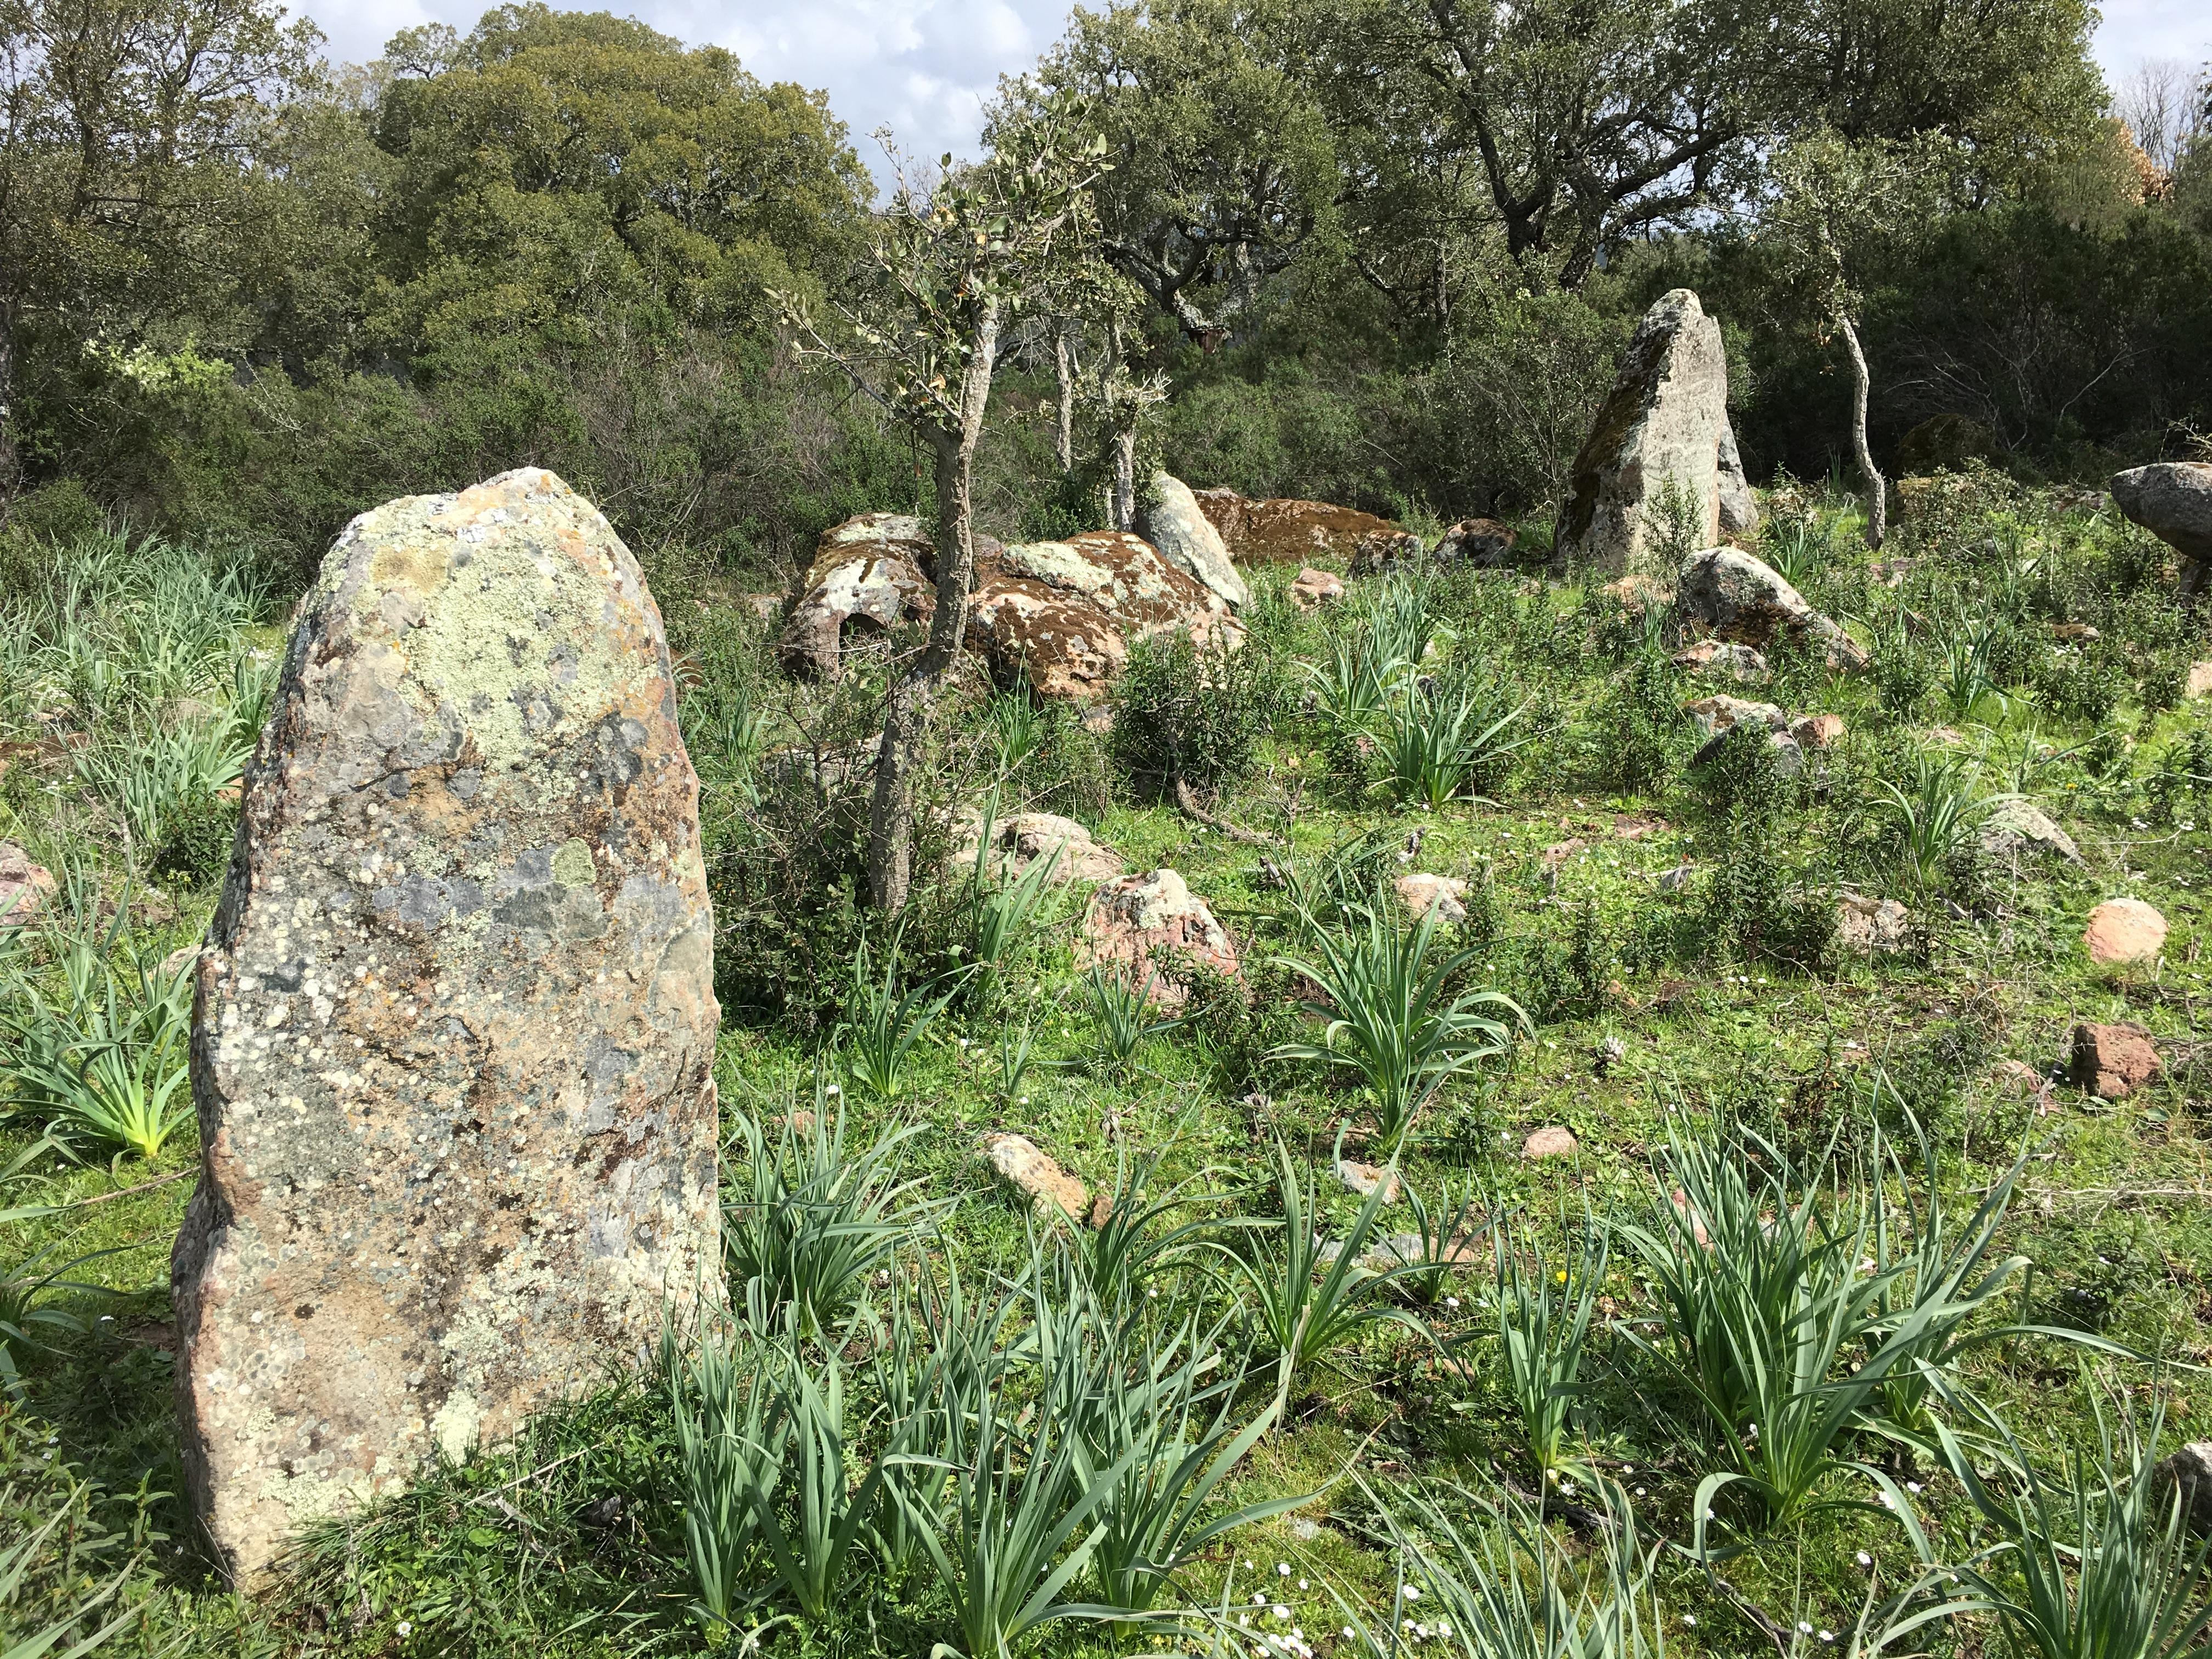 Allineamento di Menhir in localita Genna 'e Corte (Laconi)